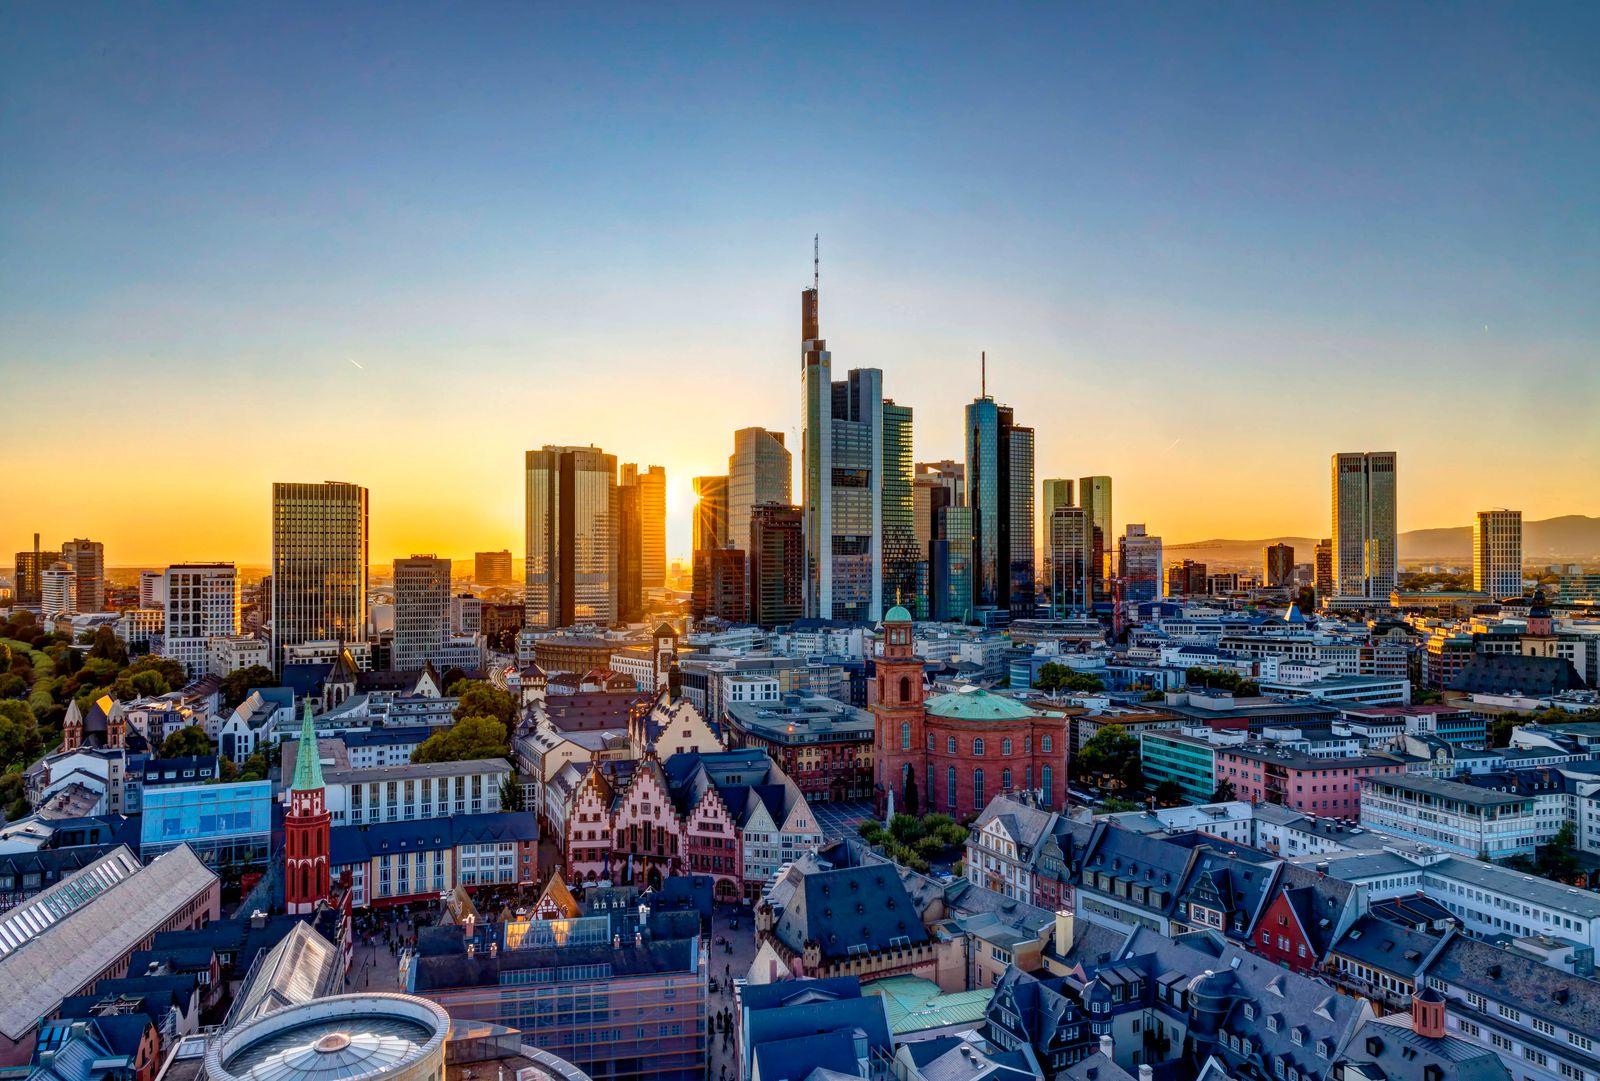 DEU, Deutschland, Frankfurt am Main, Hessen, 21.09.2019: Frankfurt von oben. Blick auf das Bankenviertel von Mainhattan.